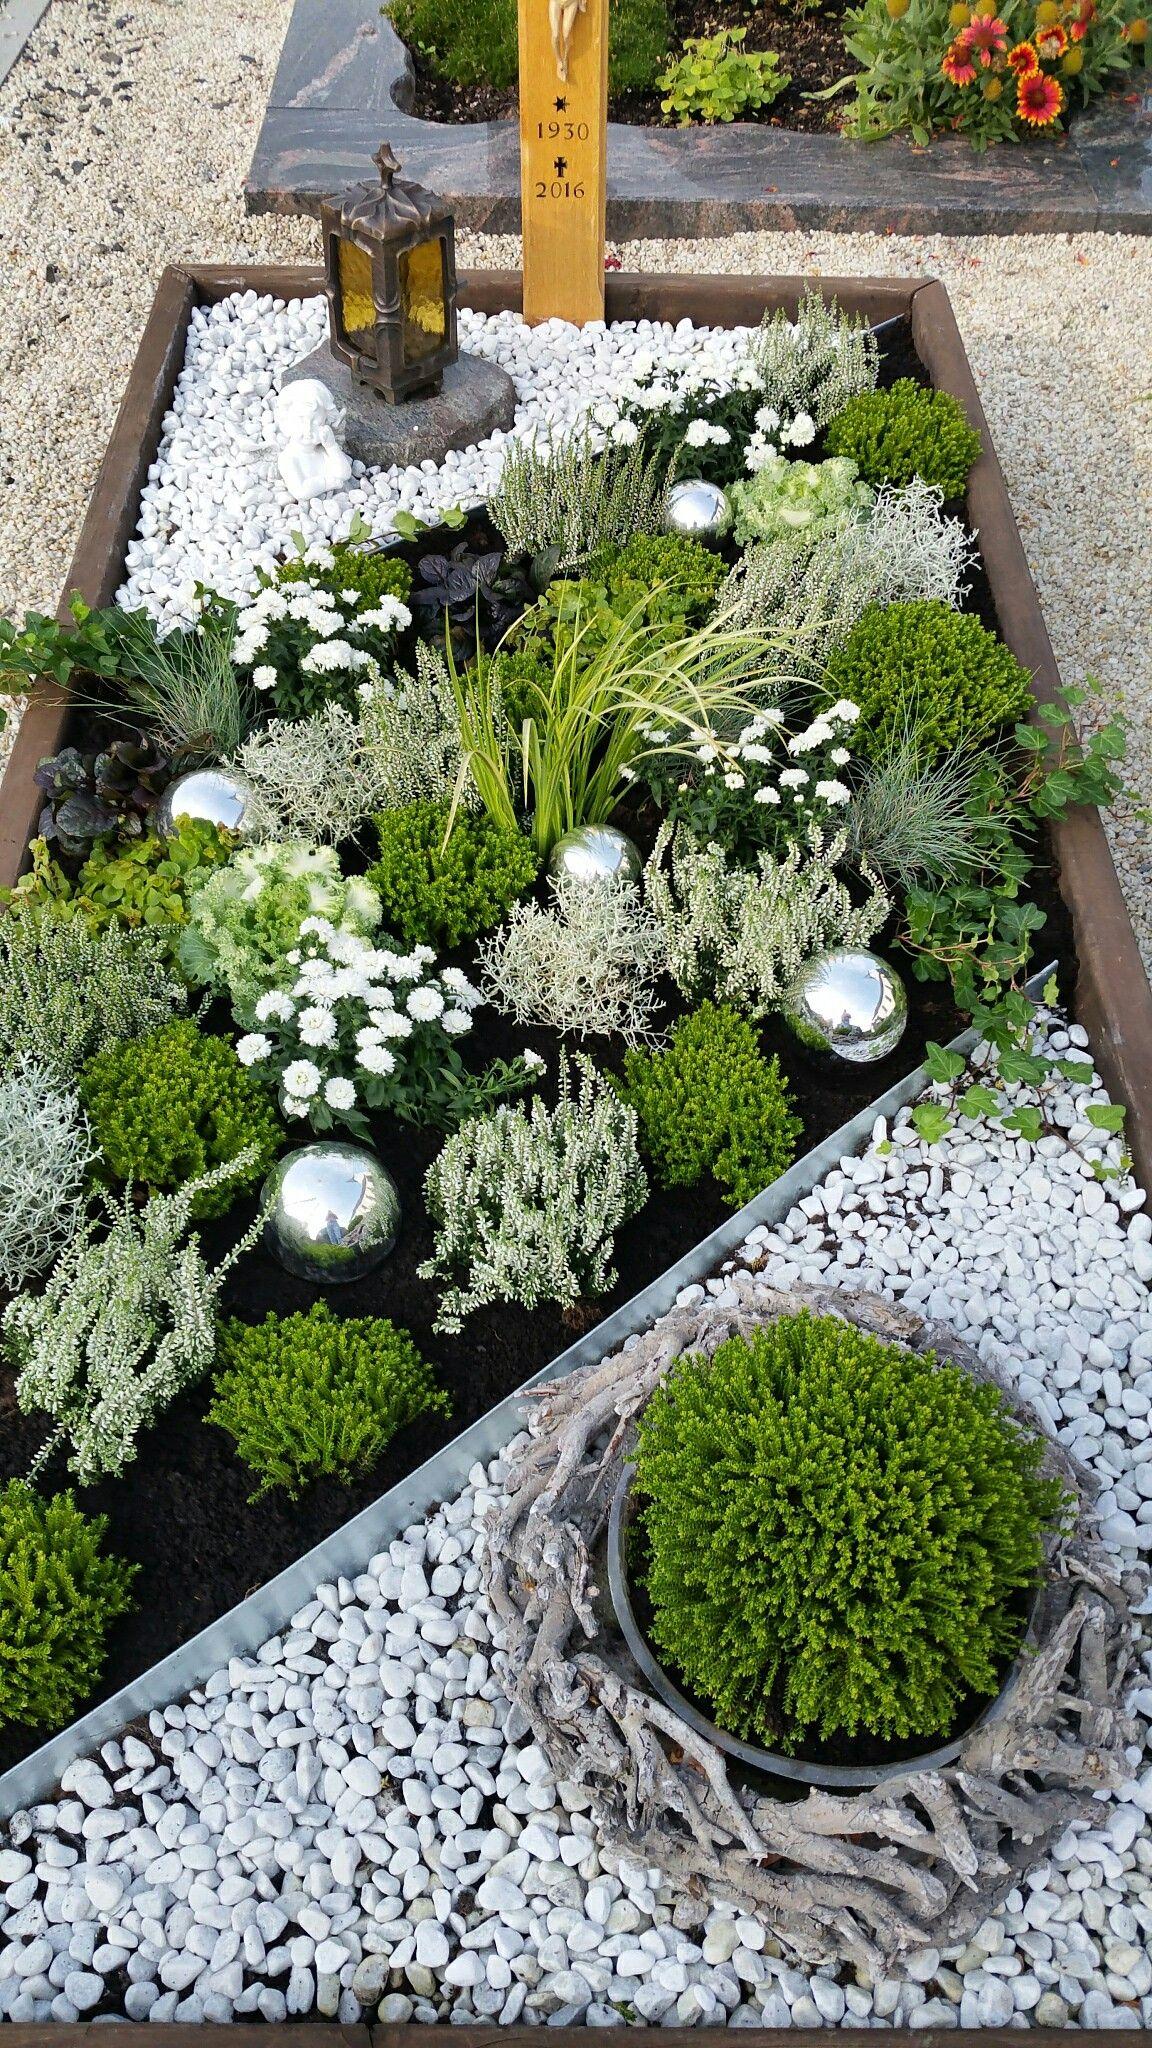 grabgestaltung im herbst mehr grabgestaltung mit steinen pinterest bepflanzung garten und. Black Bedroom Furniture Sets. Home Design Ideas